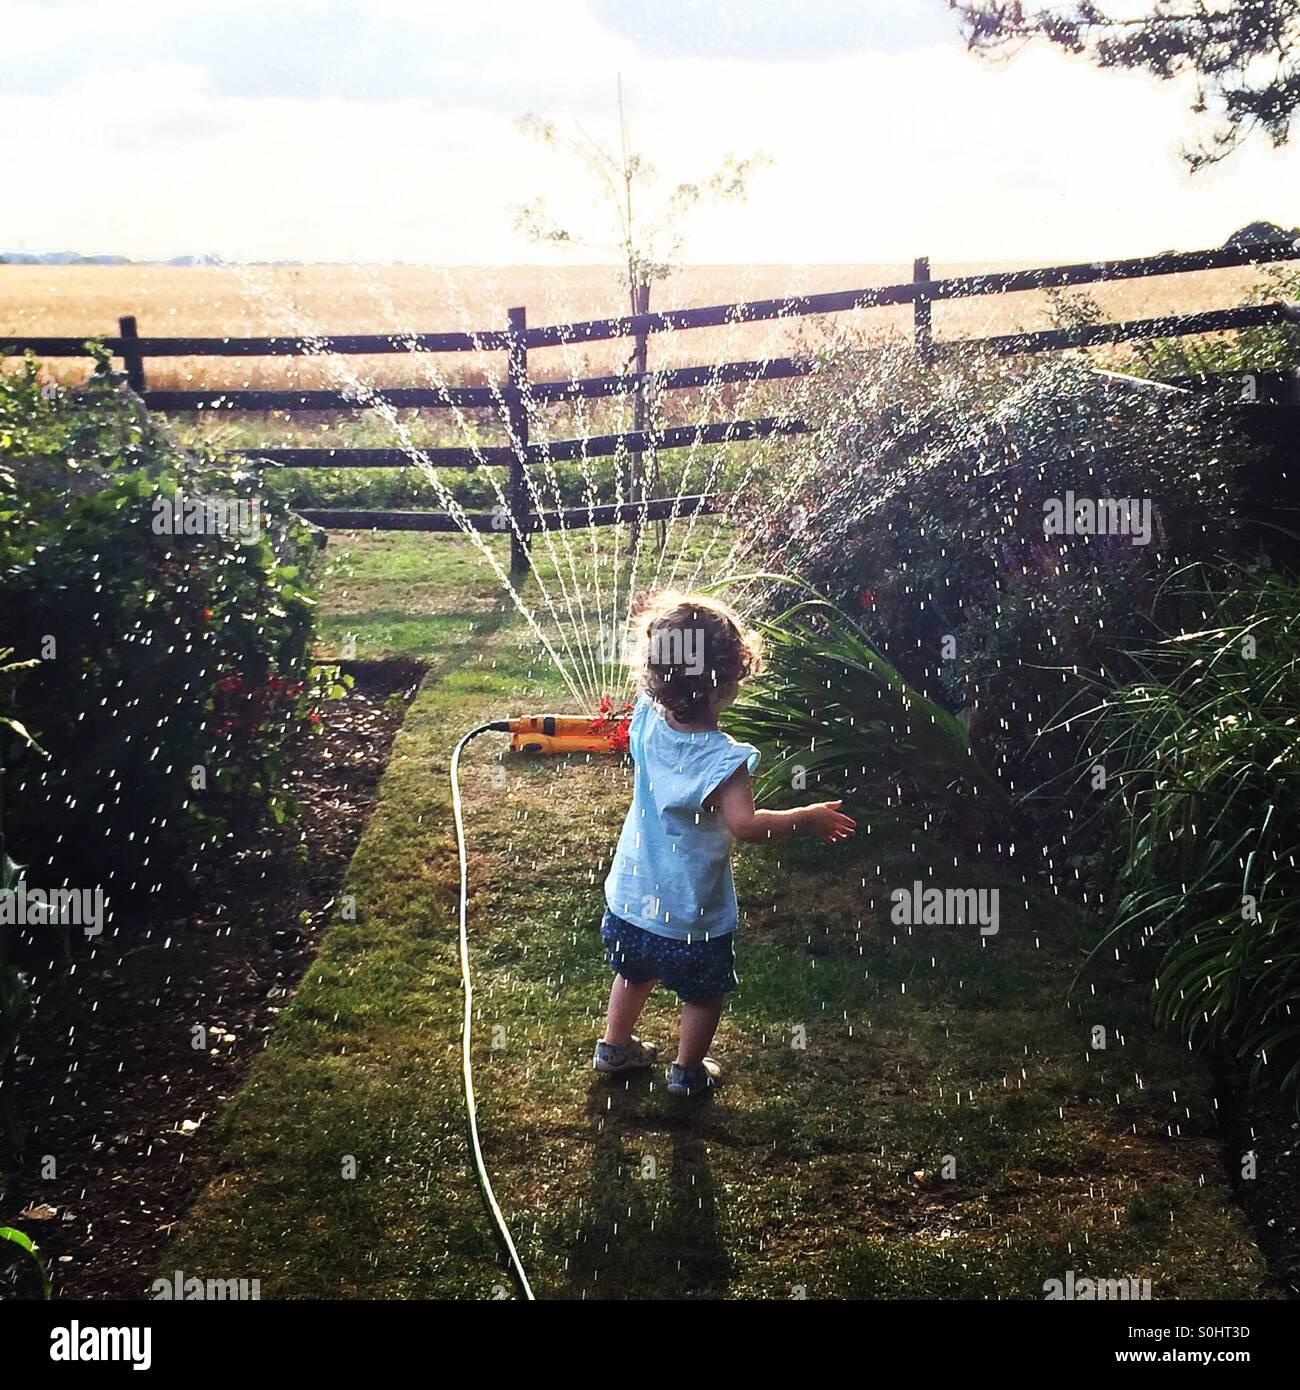 Little girl in sprinkler - Stock Image